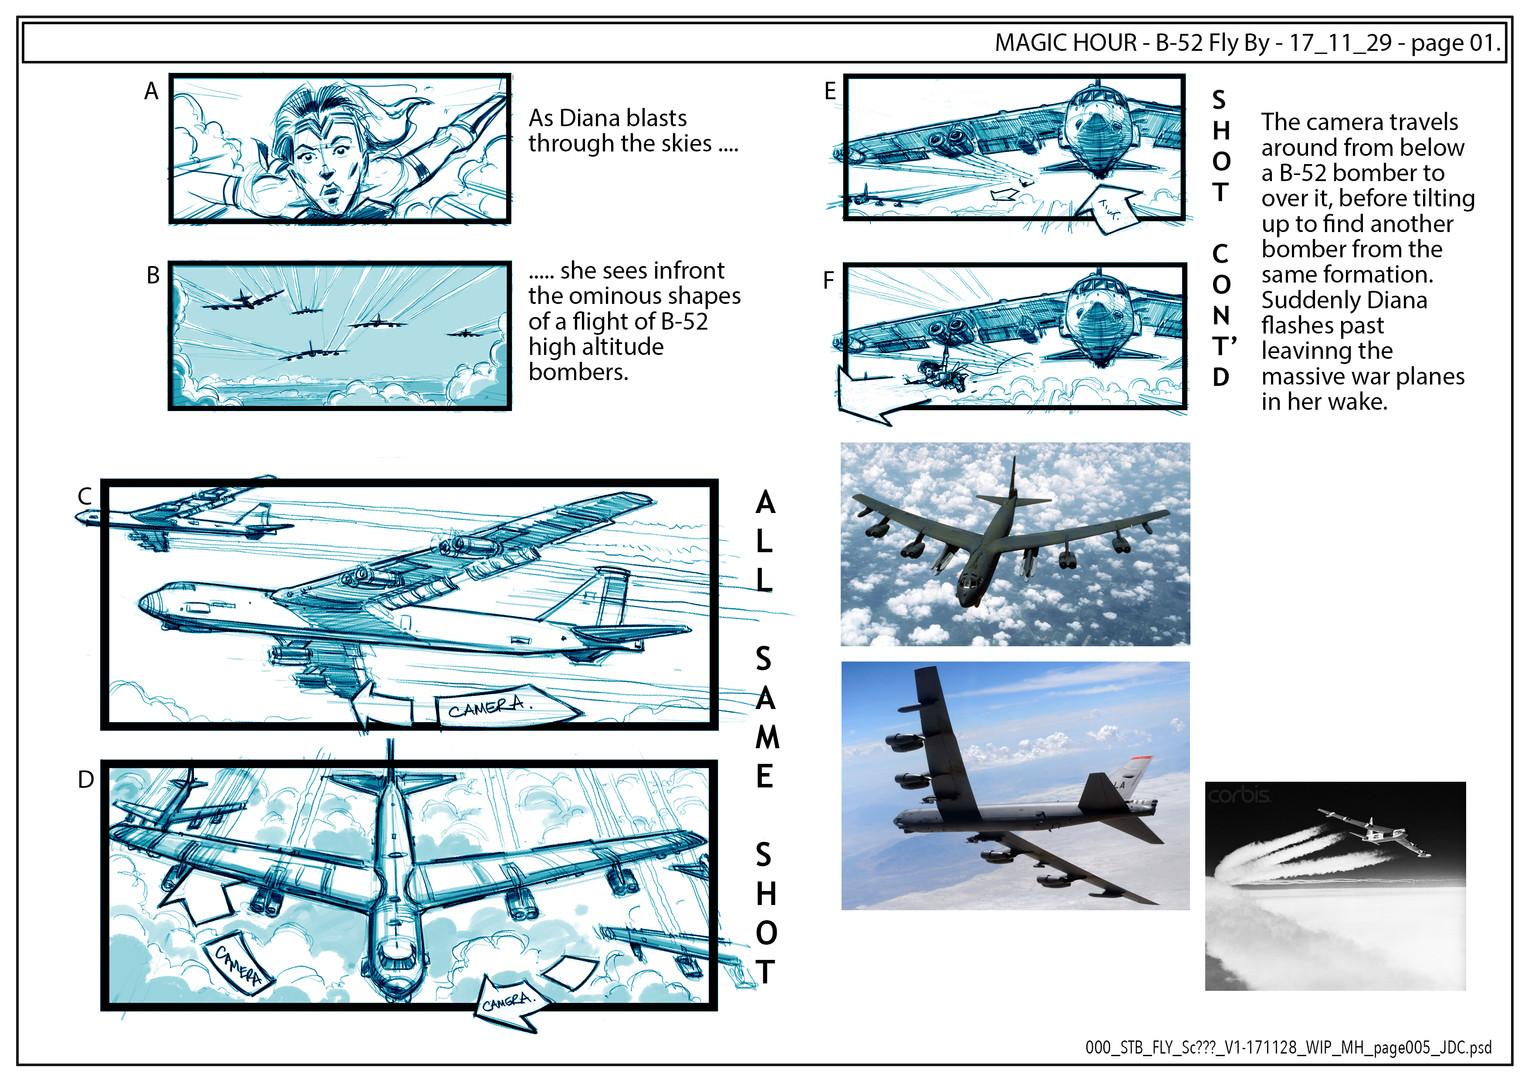 5-B-52 Fly By pg005.jpg